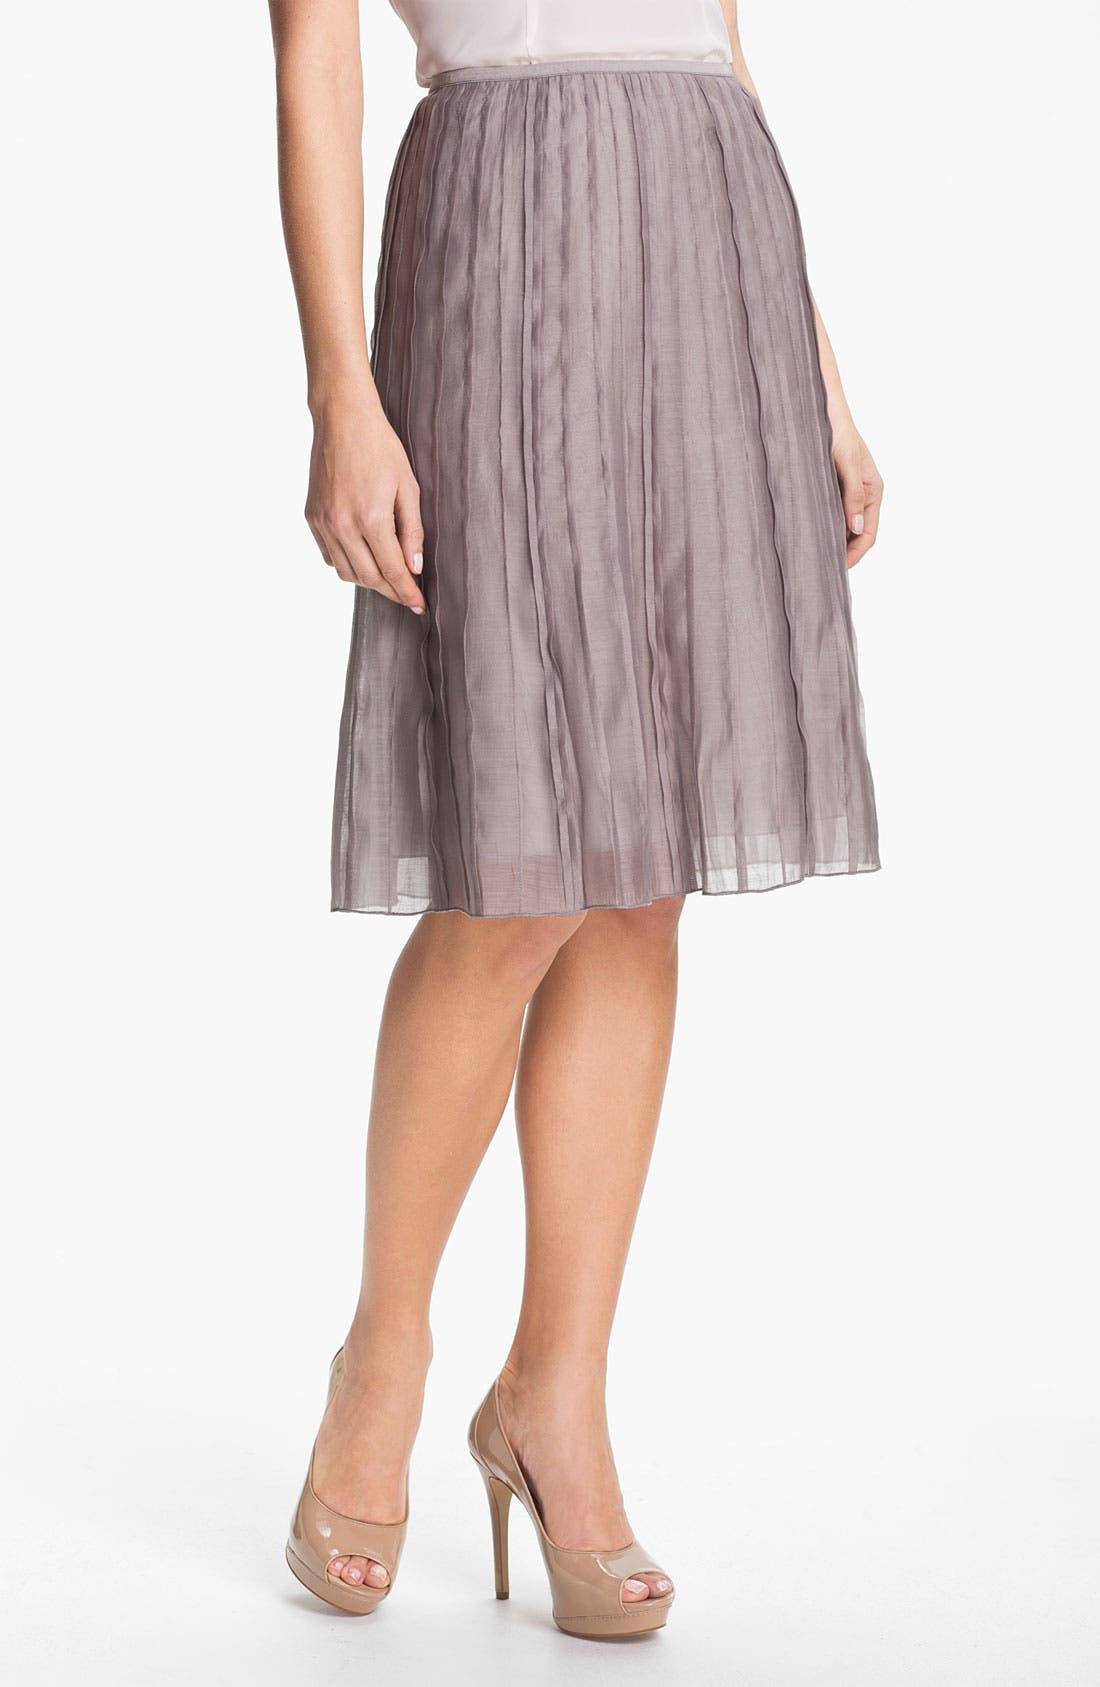 Main Image - Nic + Zoe 'Batiste' Flirt Skirt